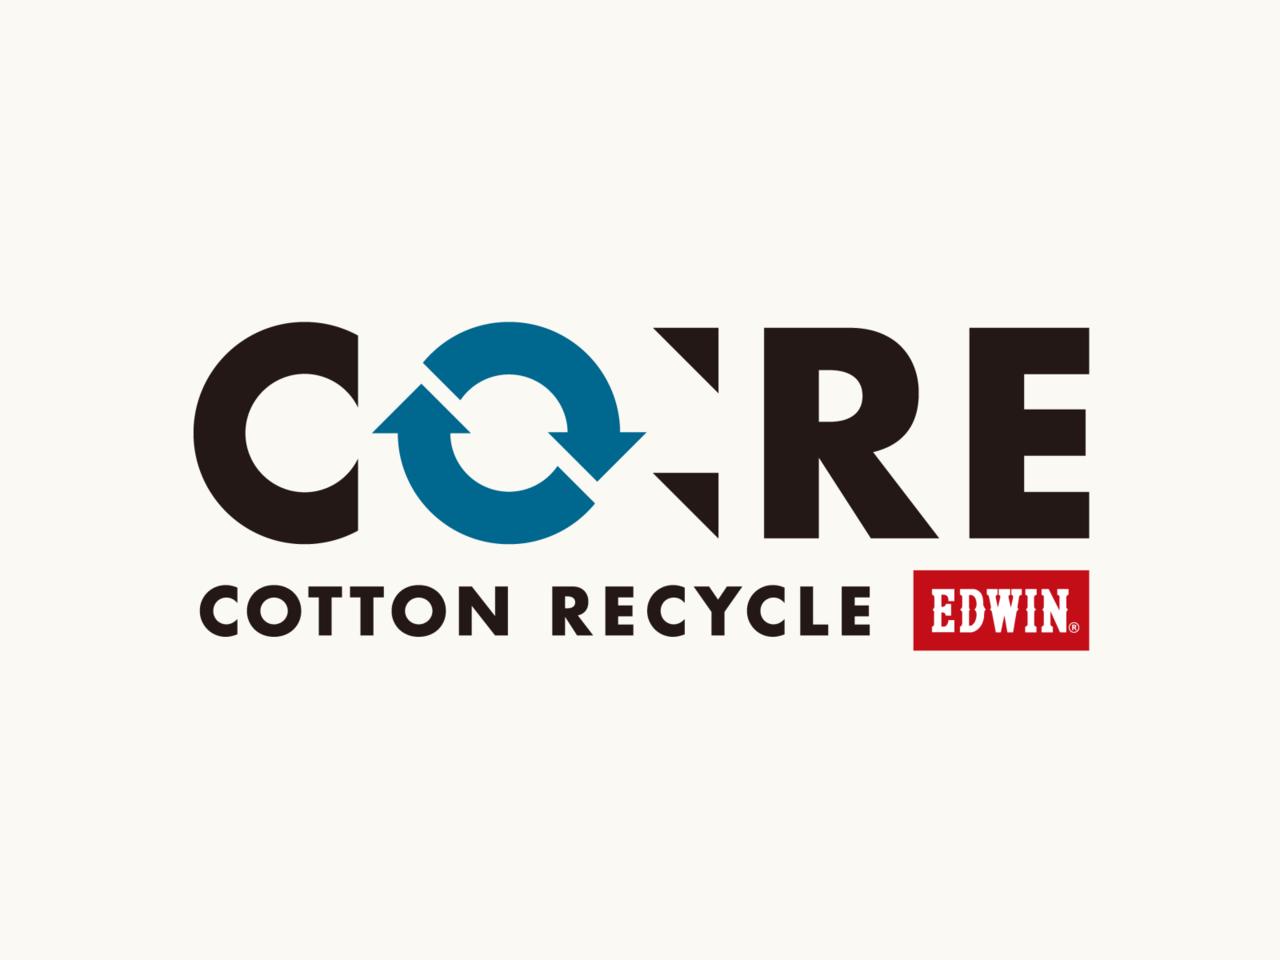 はかなくなったジーンズを新しいジーンズに生まれ変わらせる循環型ジーンズプロジェクト「CO:RE」